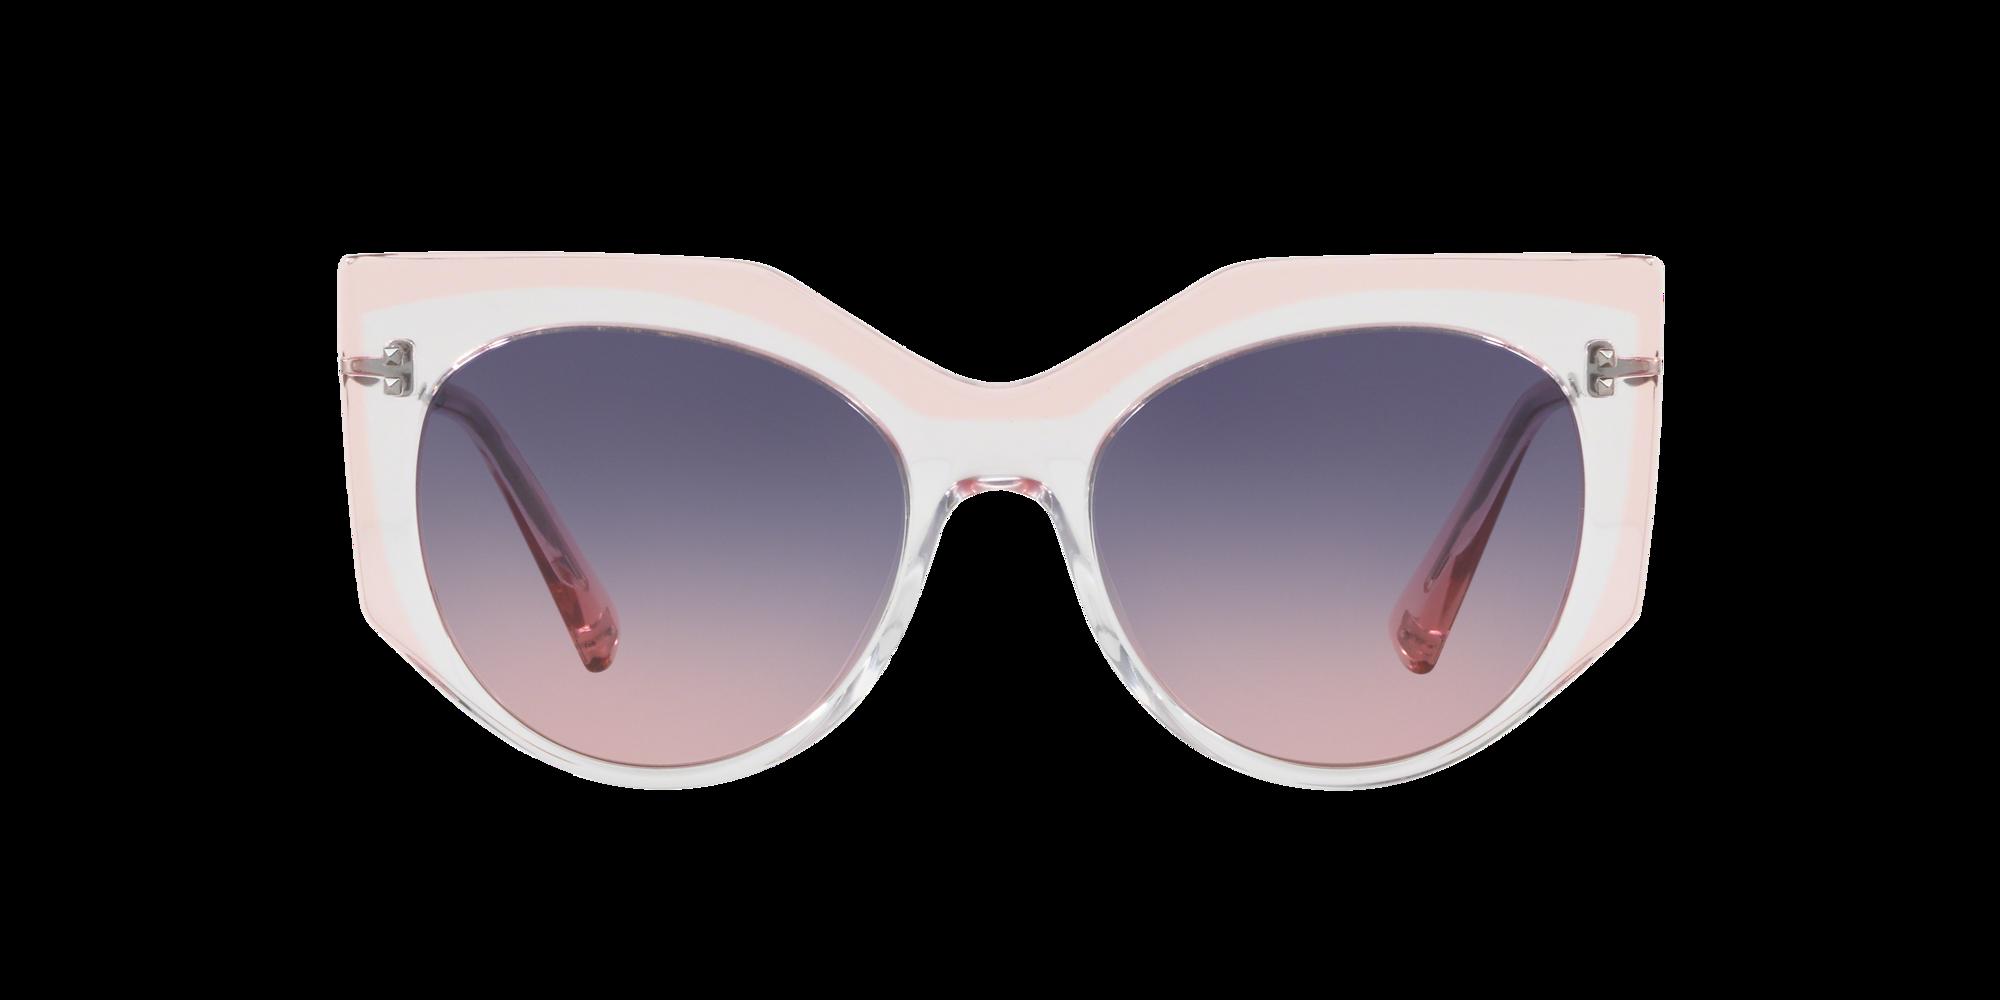 Imagen para VA4033 53 de LensCrafters |  Espejuelos, espejuelos graduados en línea, gafas